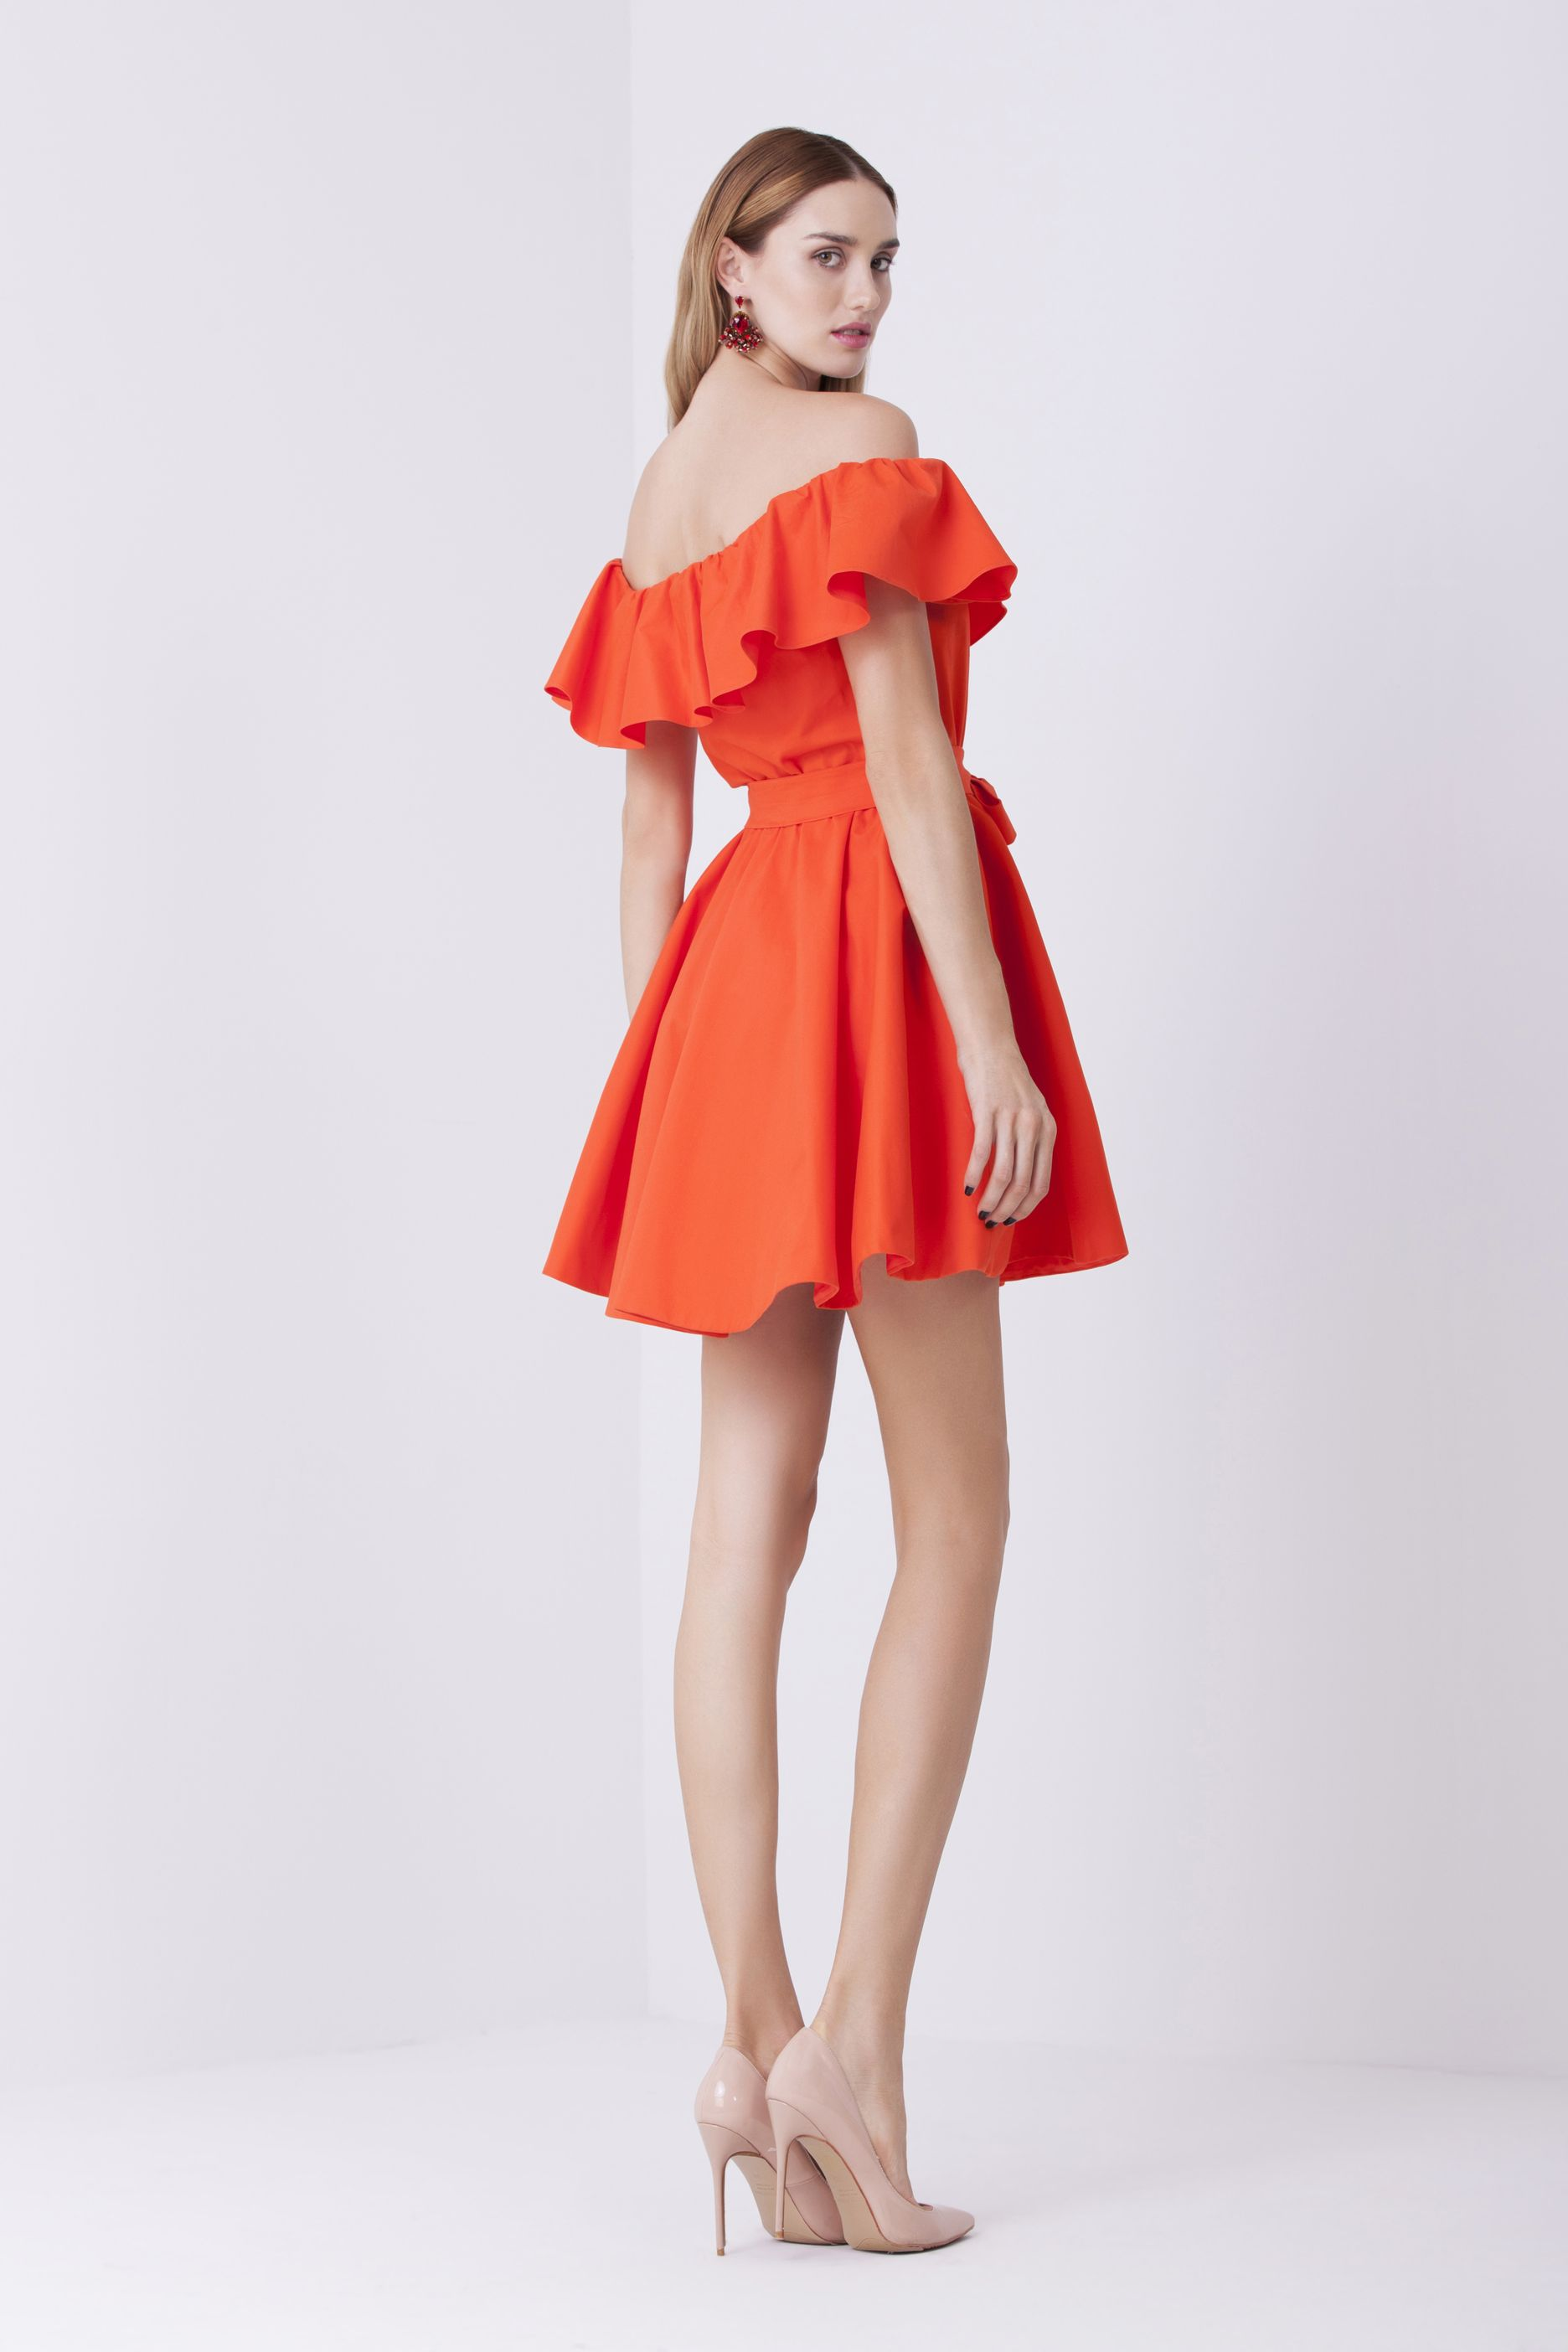 Купить дешево платье доставка